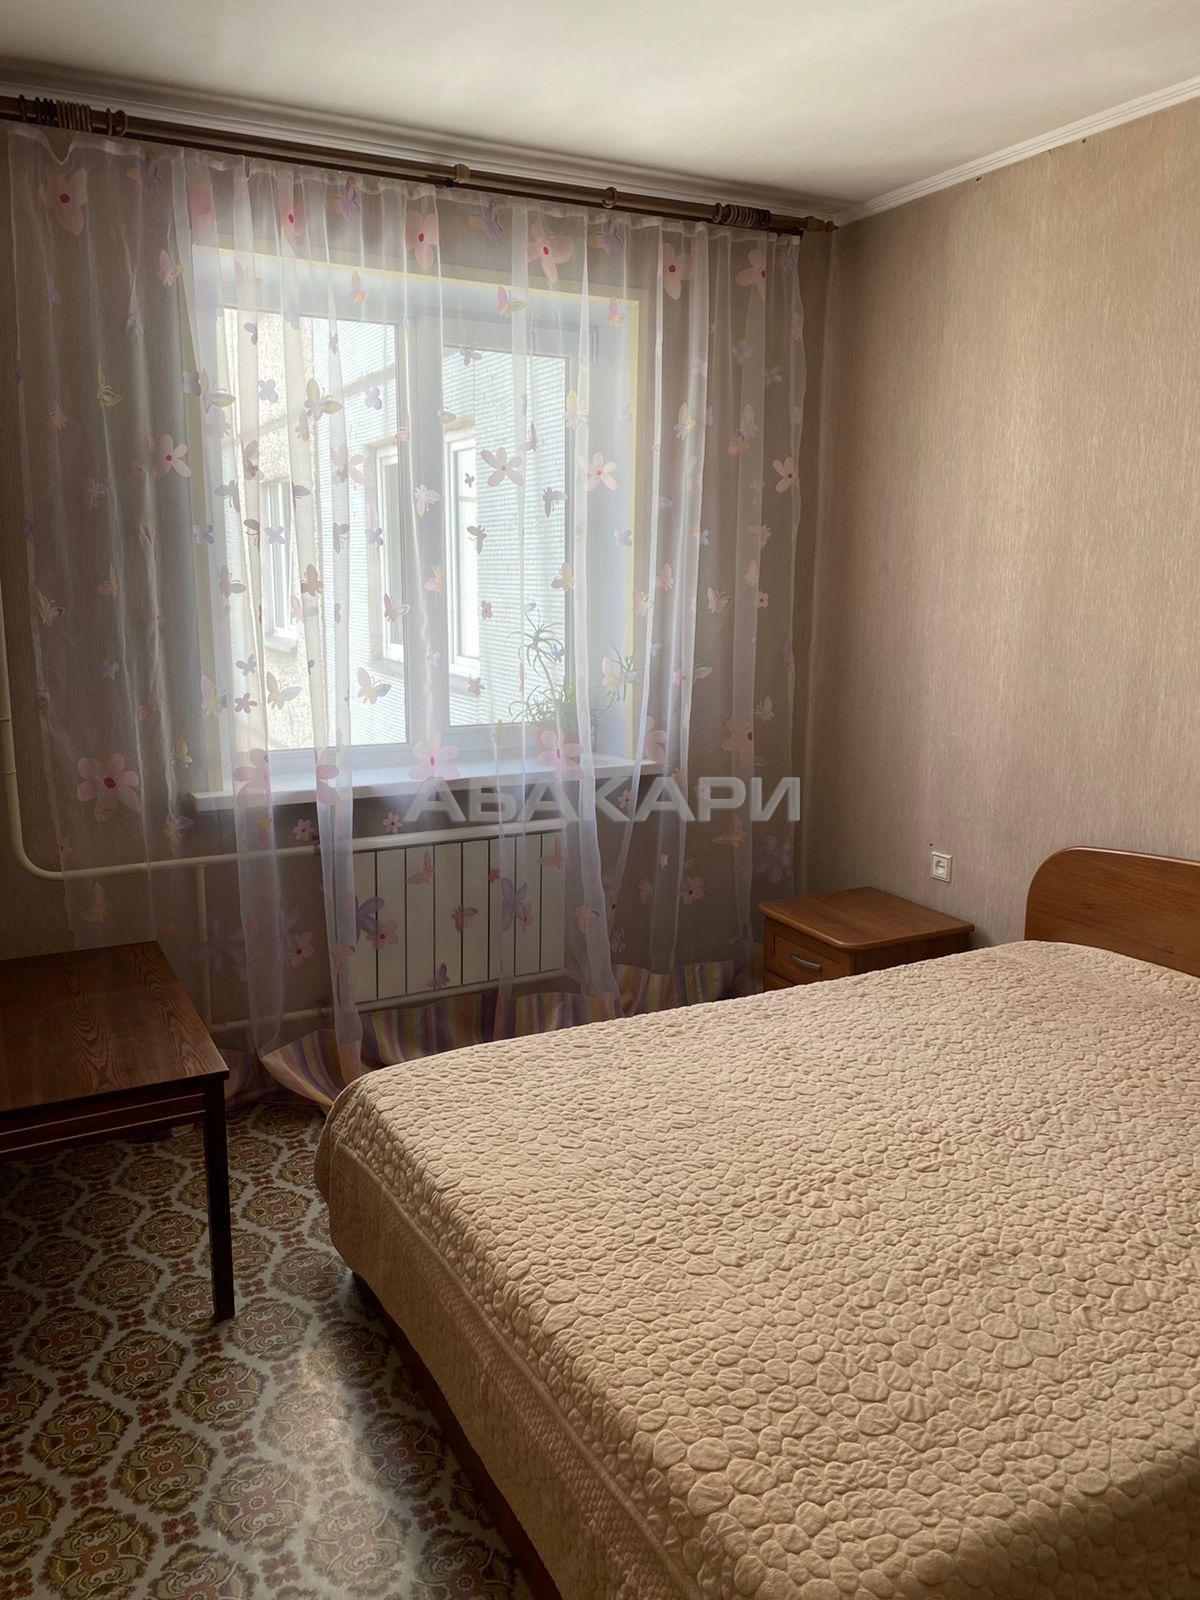 3к квартира улица Железнодорожников, 18В 8/10 - 68кв | 27000 | аренда в Красноярске фото 2